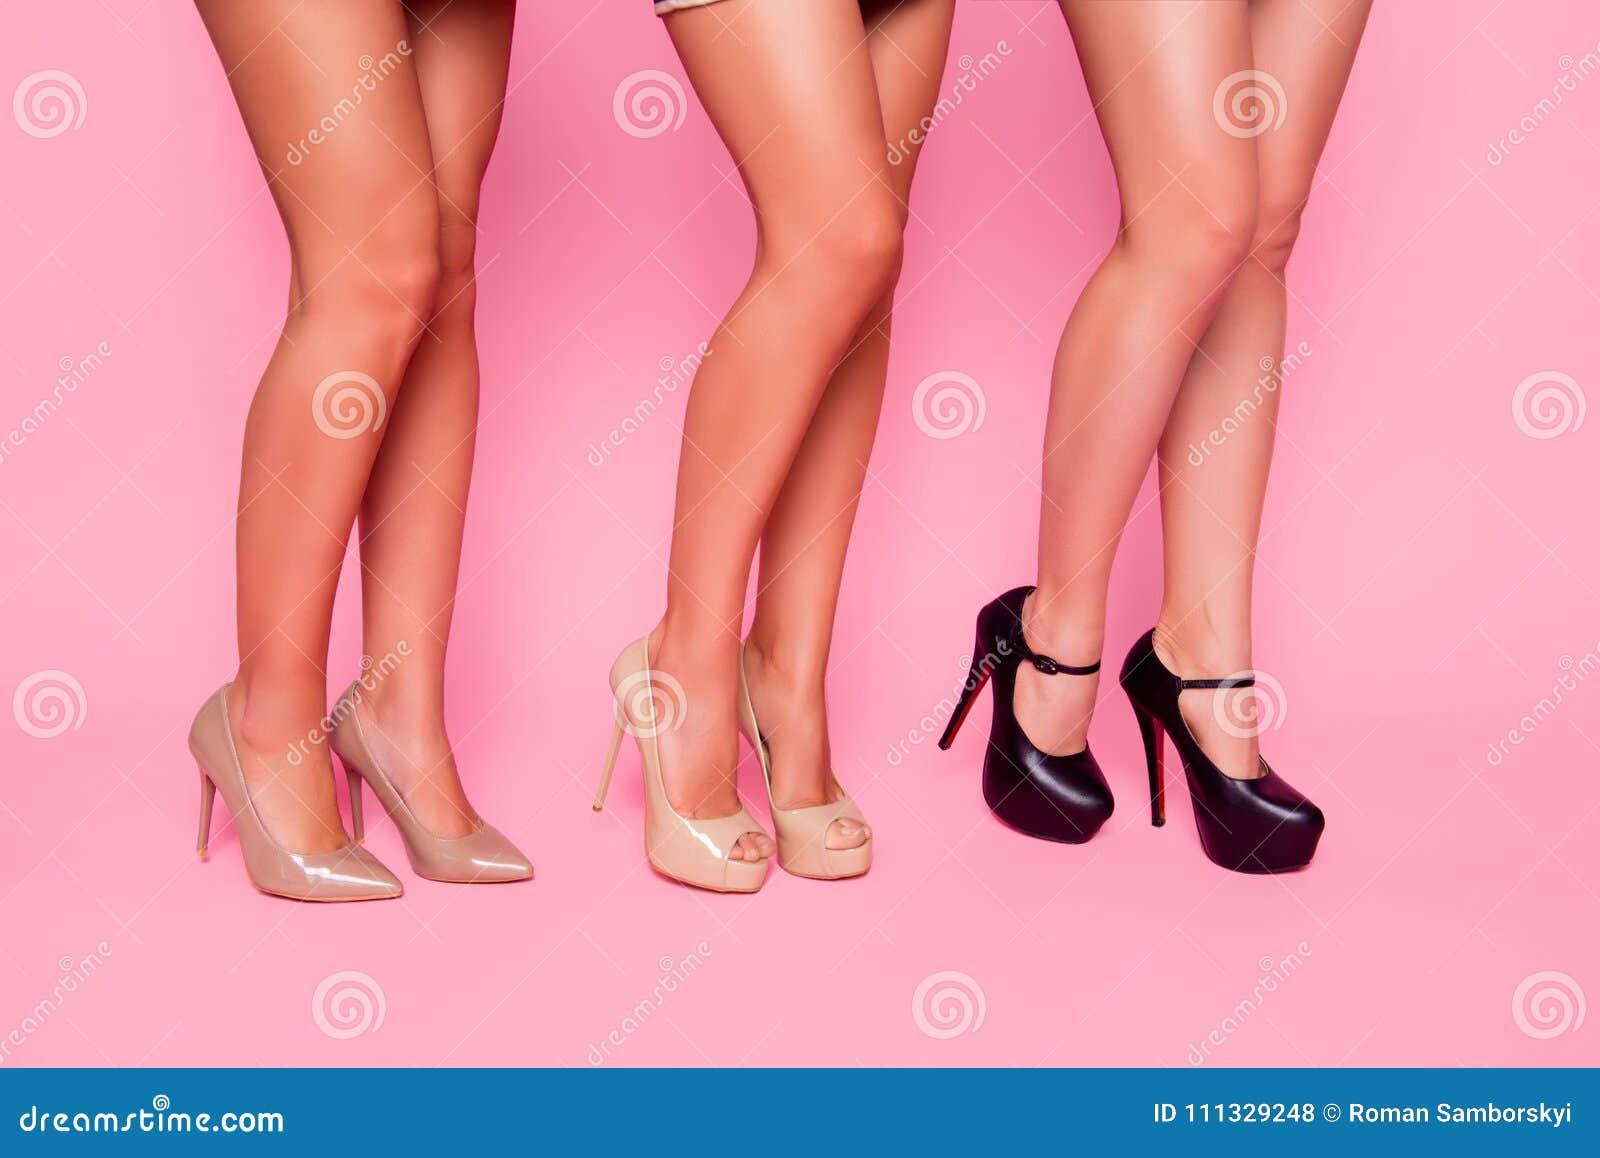 Красивые картинки девушек их ног женщины